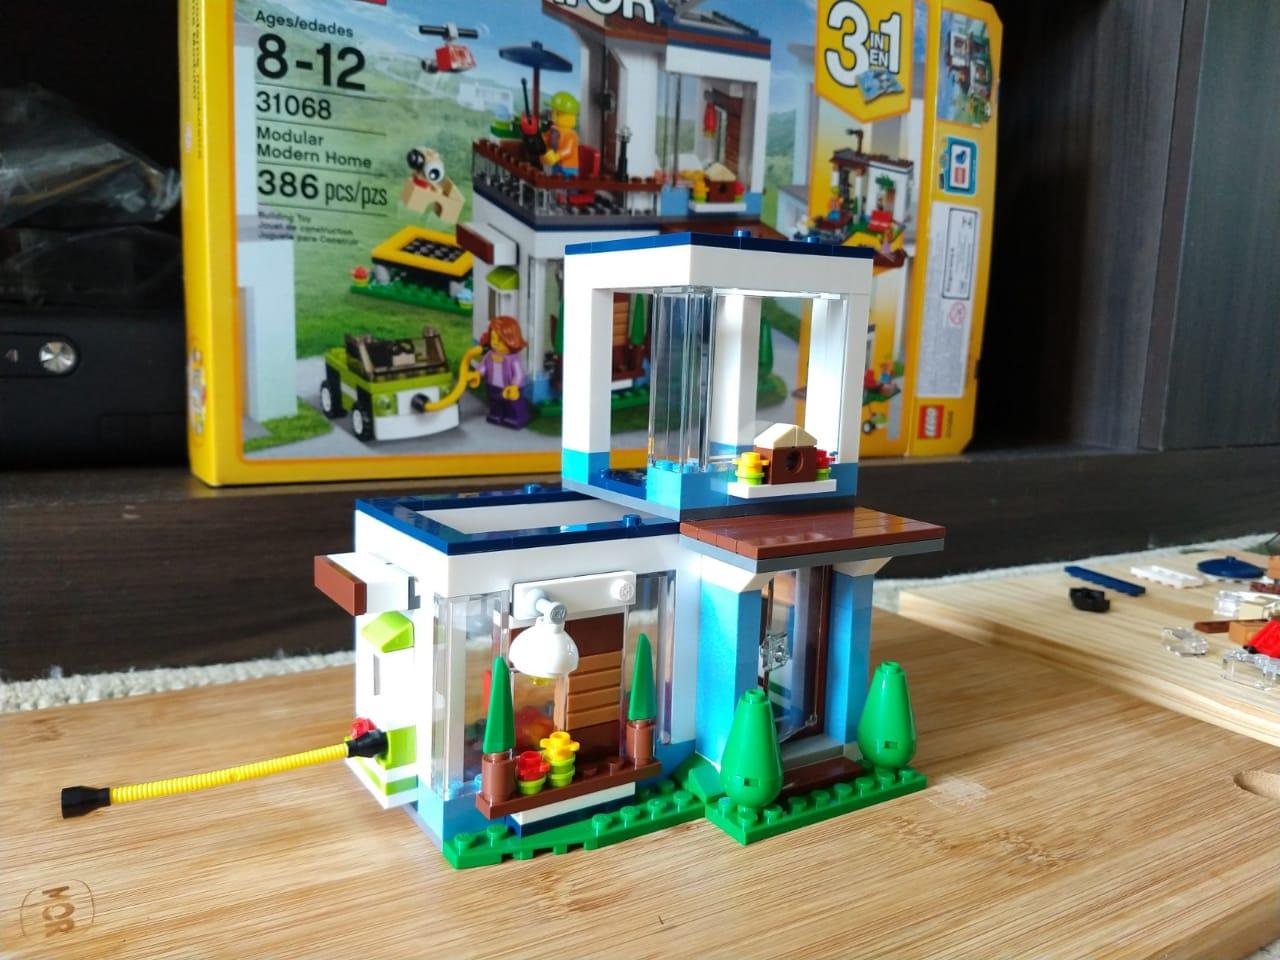 lego modular home 6